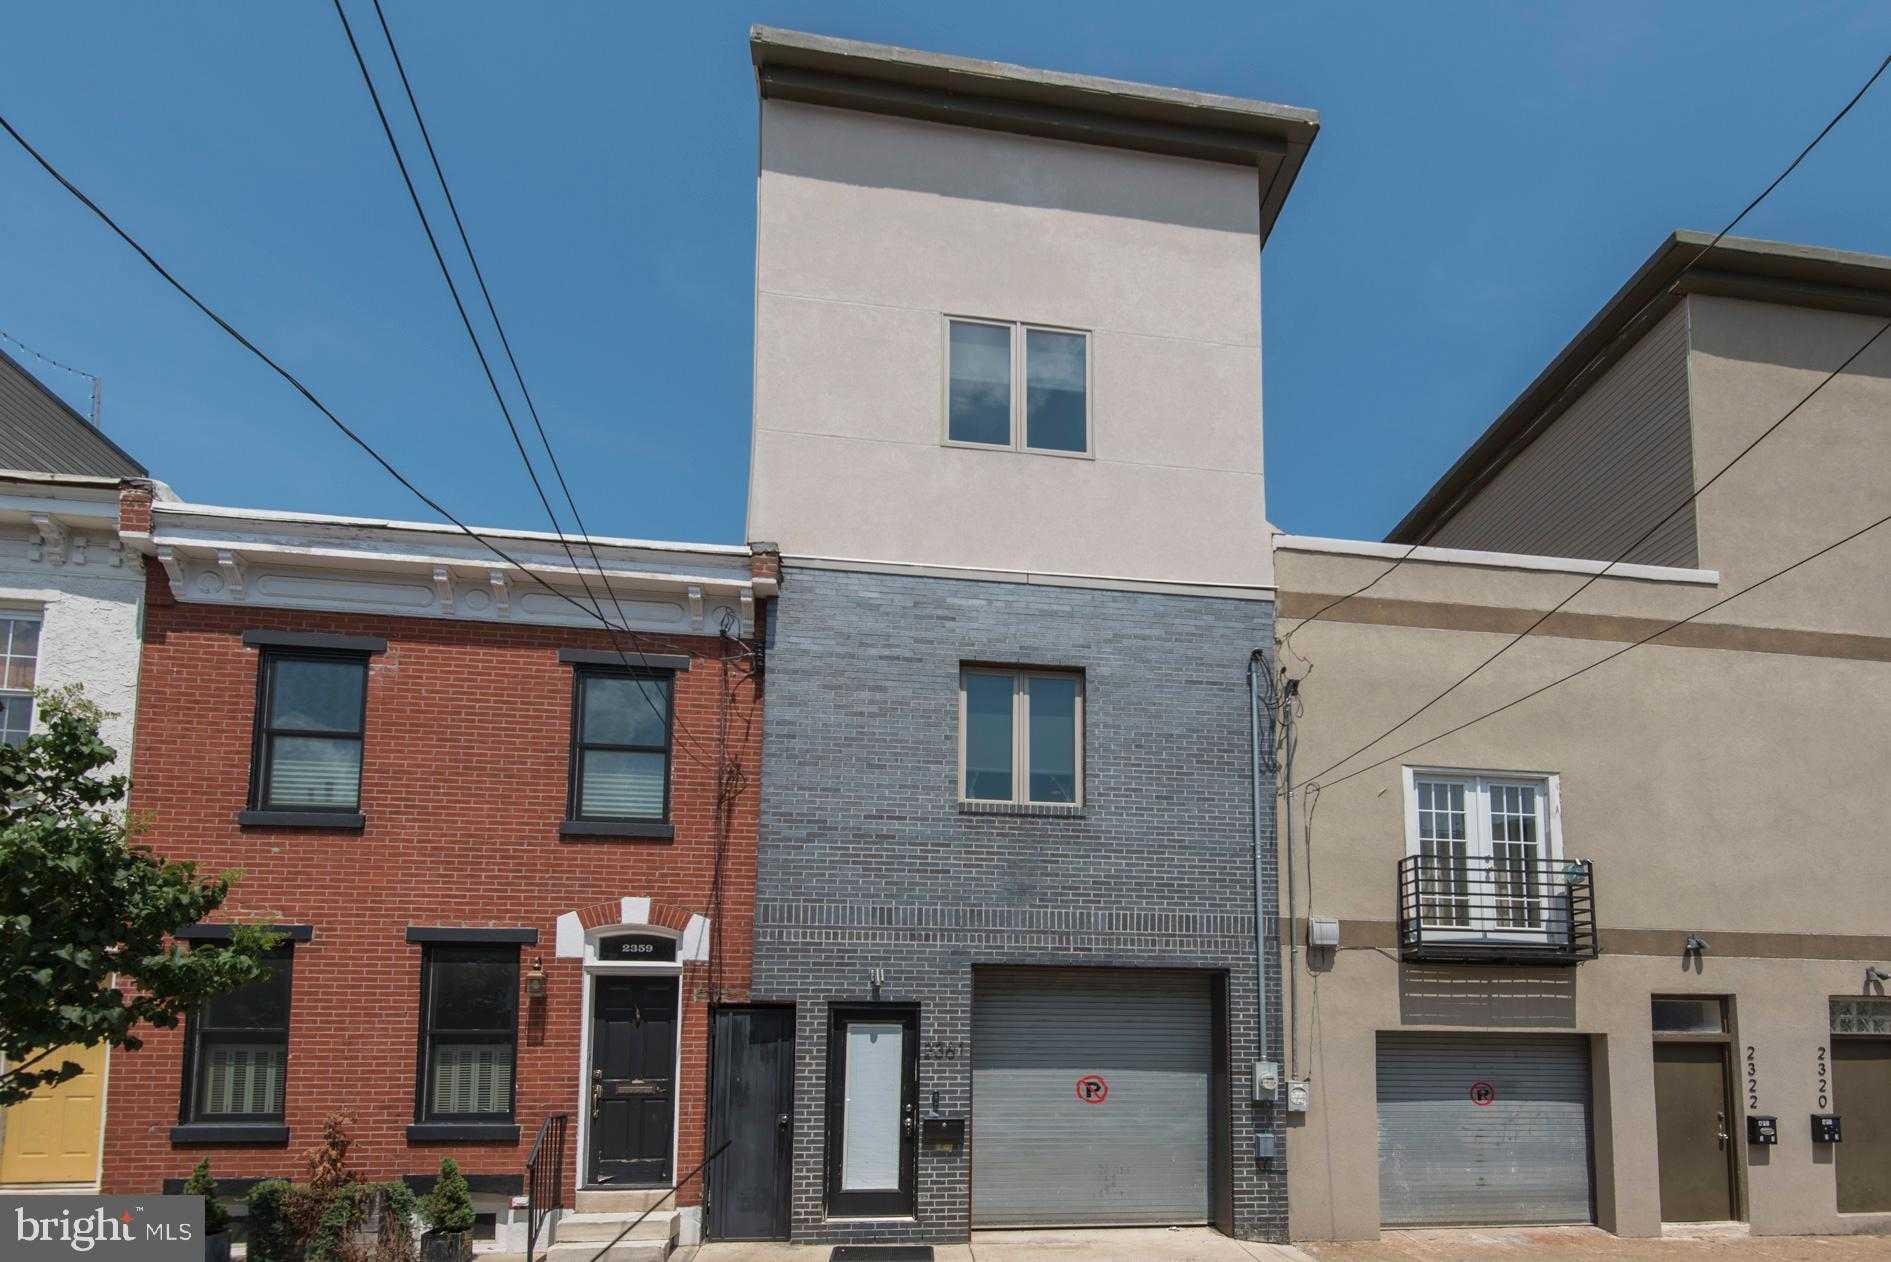 $529,000 - 3Br/2Ba -  for Sale in Fishtown, Philadelphia